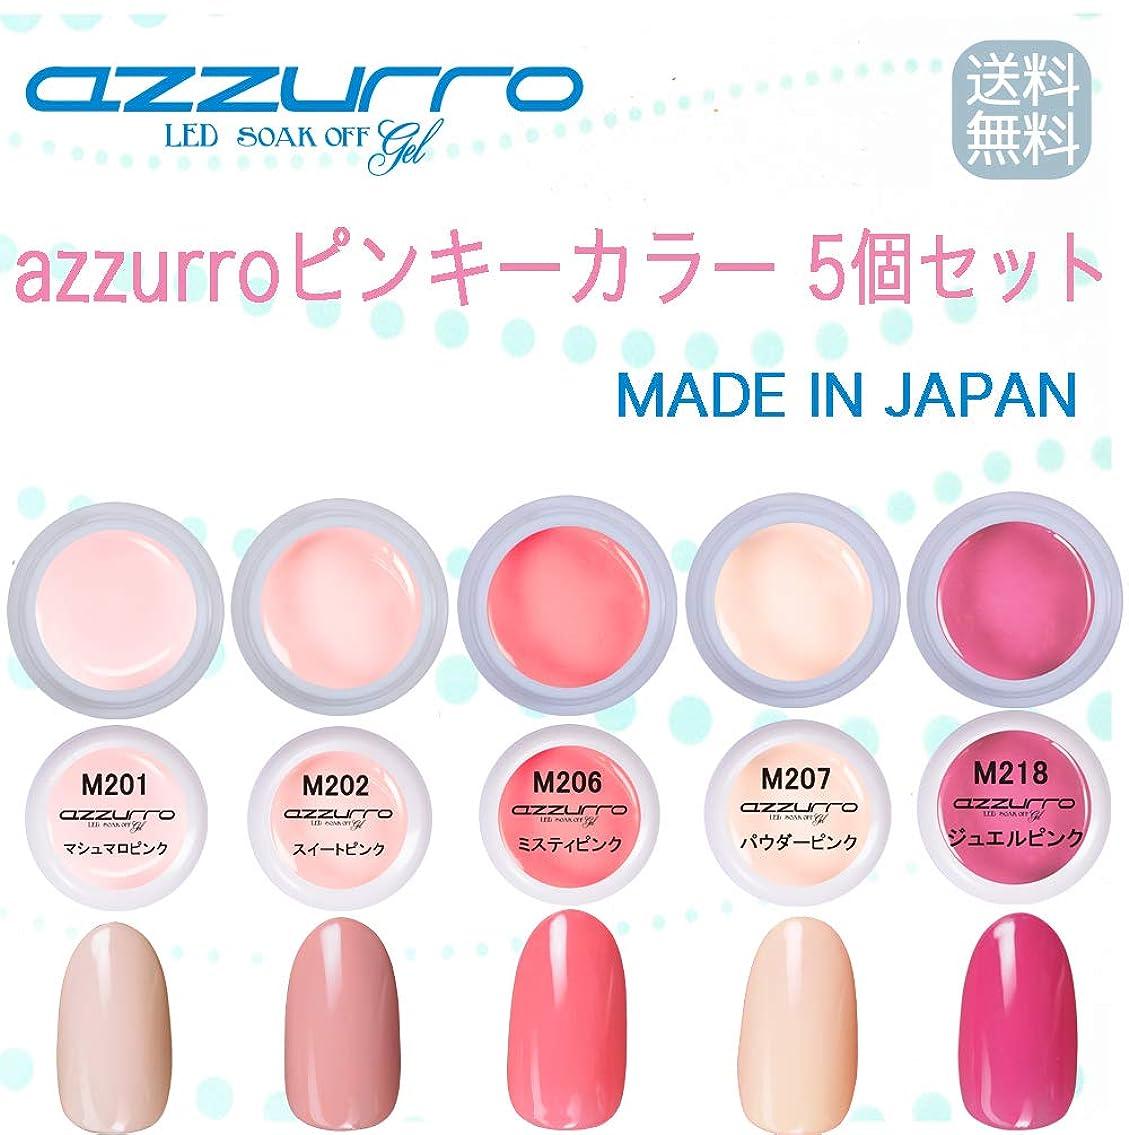 そばにクルーズ写真【送料無料】日本製 azzurro gel ピンキーカラー ジェル5個セット ネイルのマストアイテムピンキーカラー